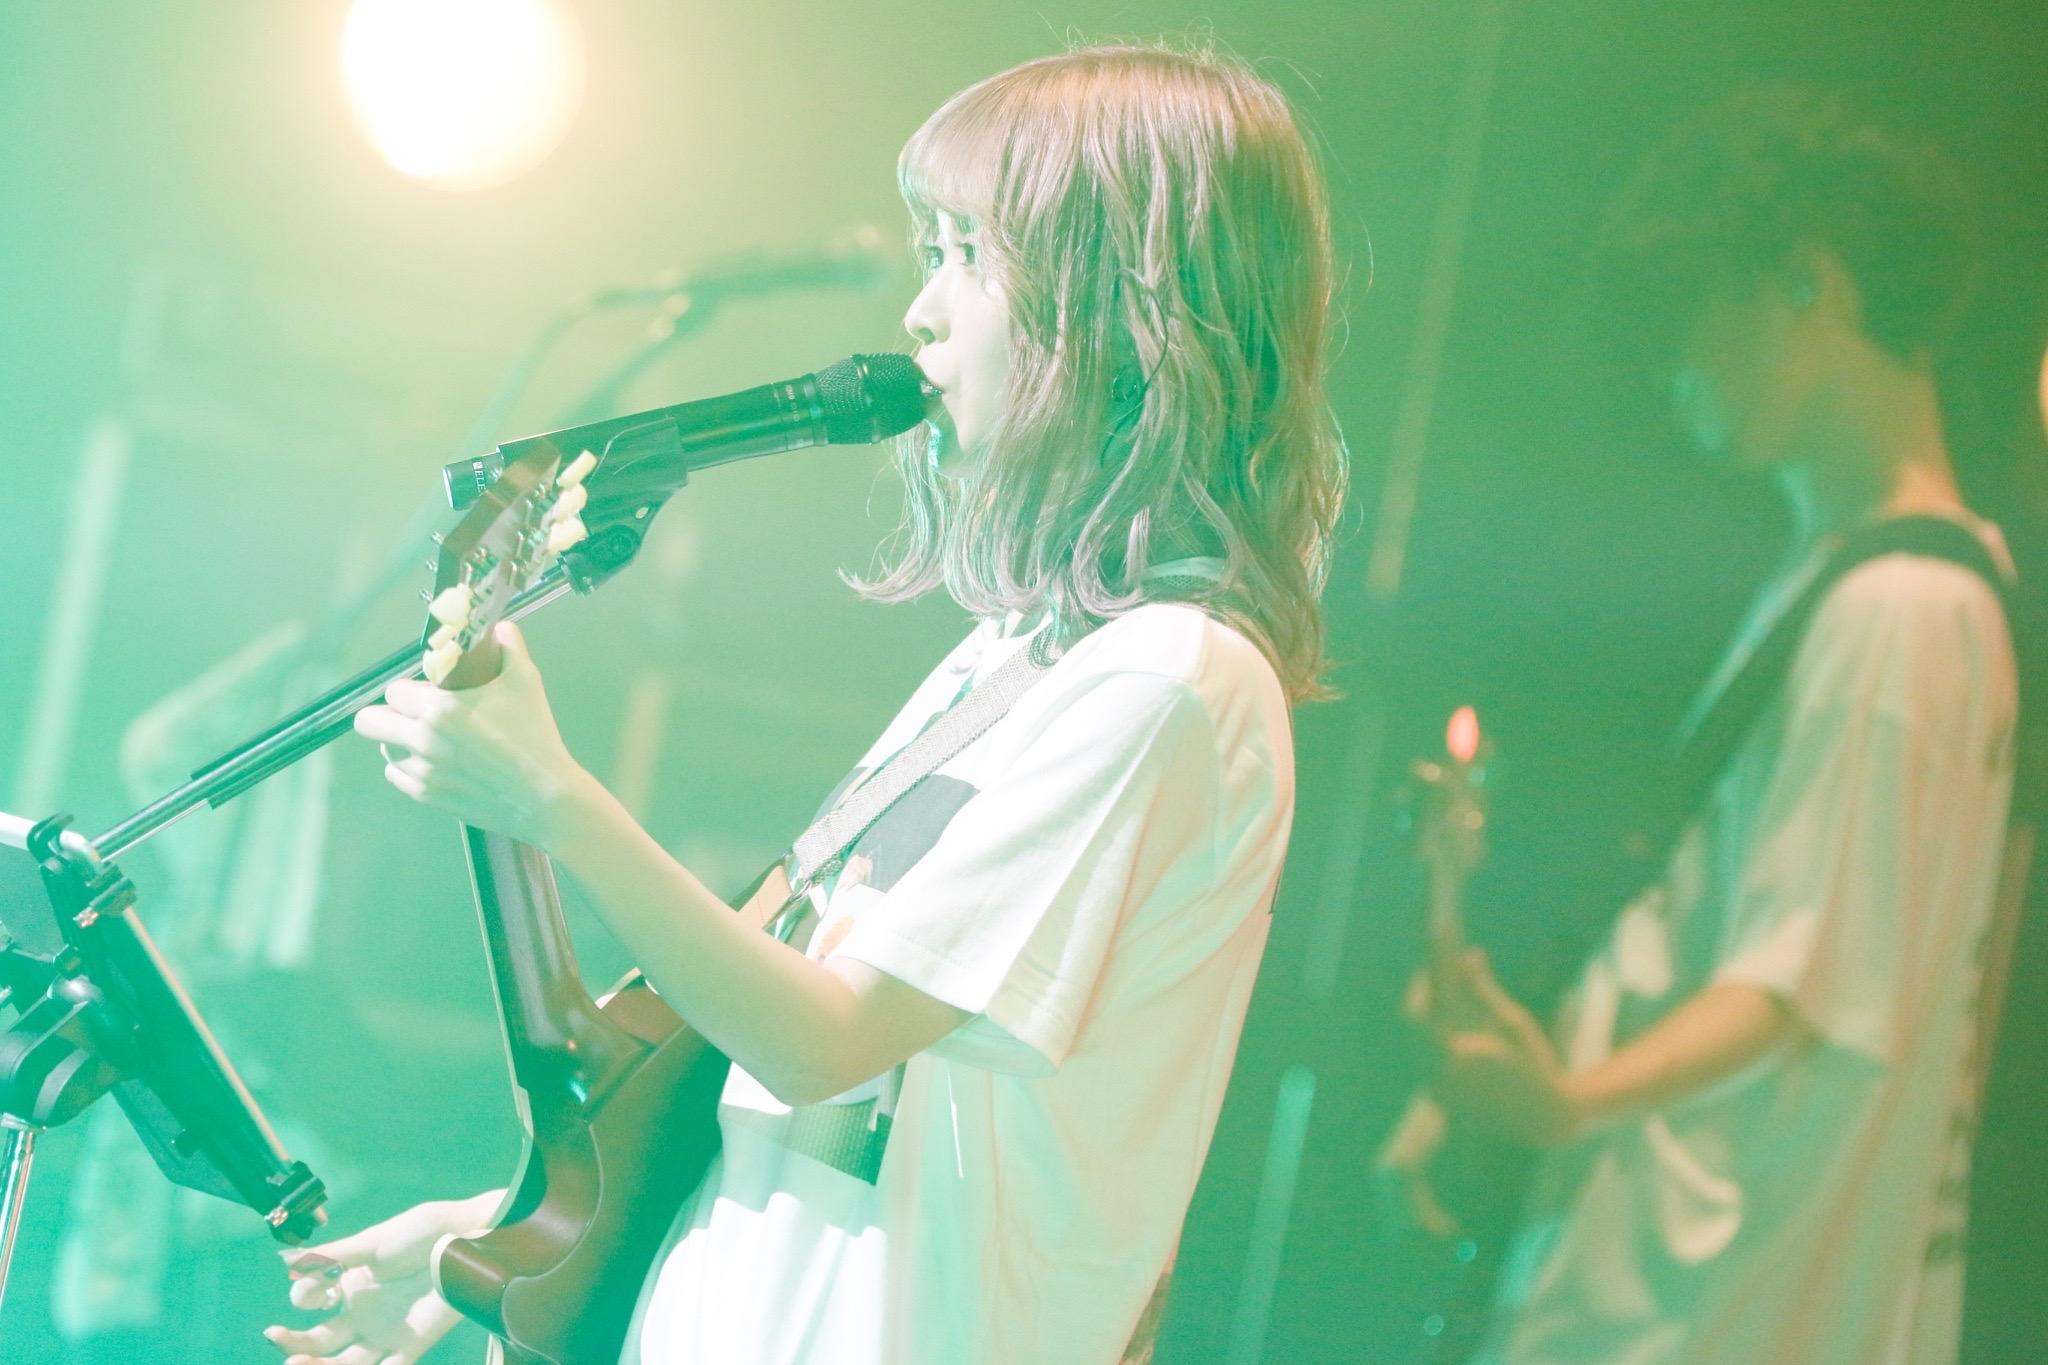 藤川千愛/2020年8月1日(土)、LINE CUBE SHIBUYA(渋谷公会堂)公演